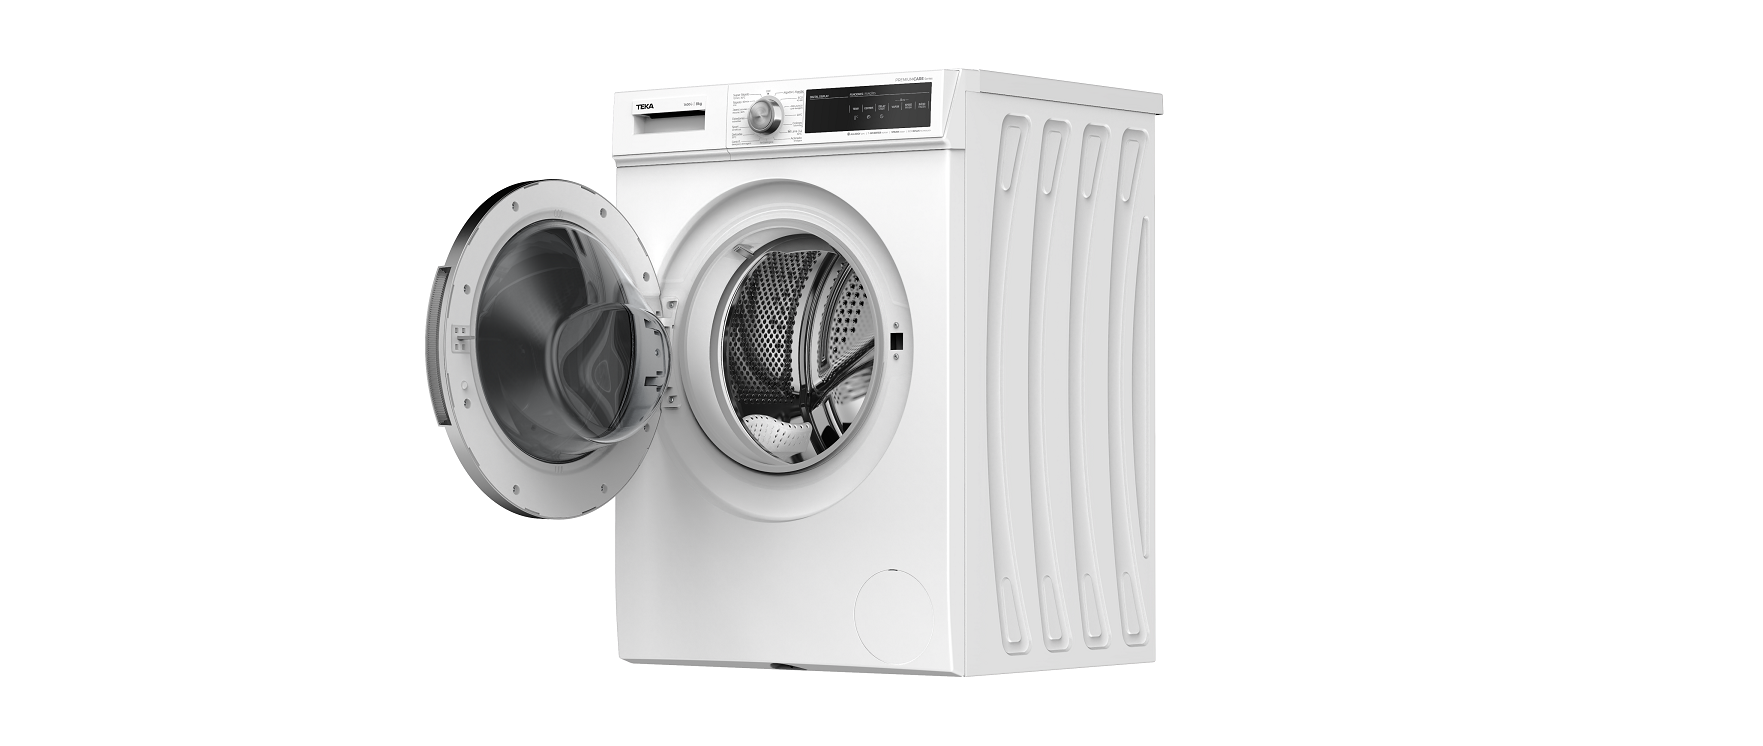 TEKA Washing Machine with Allergy Safe Program